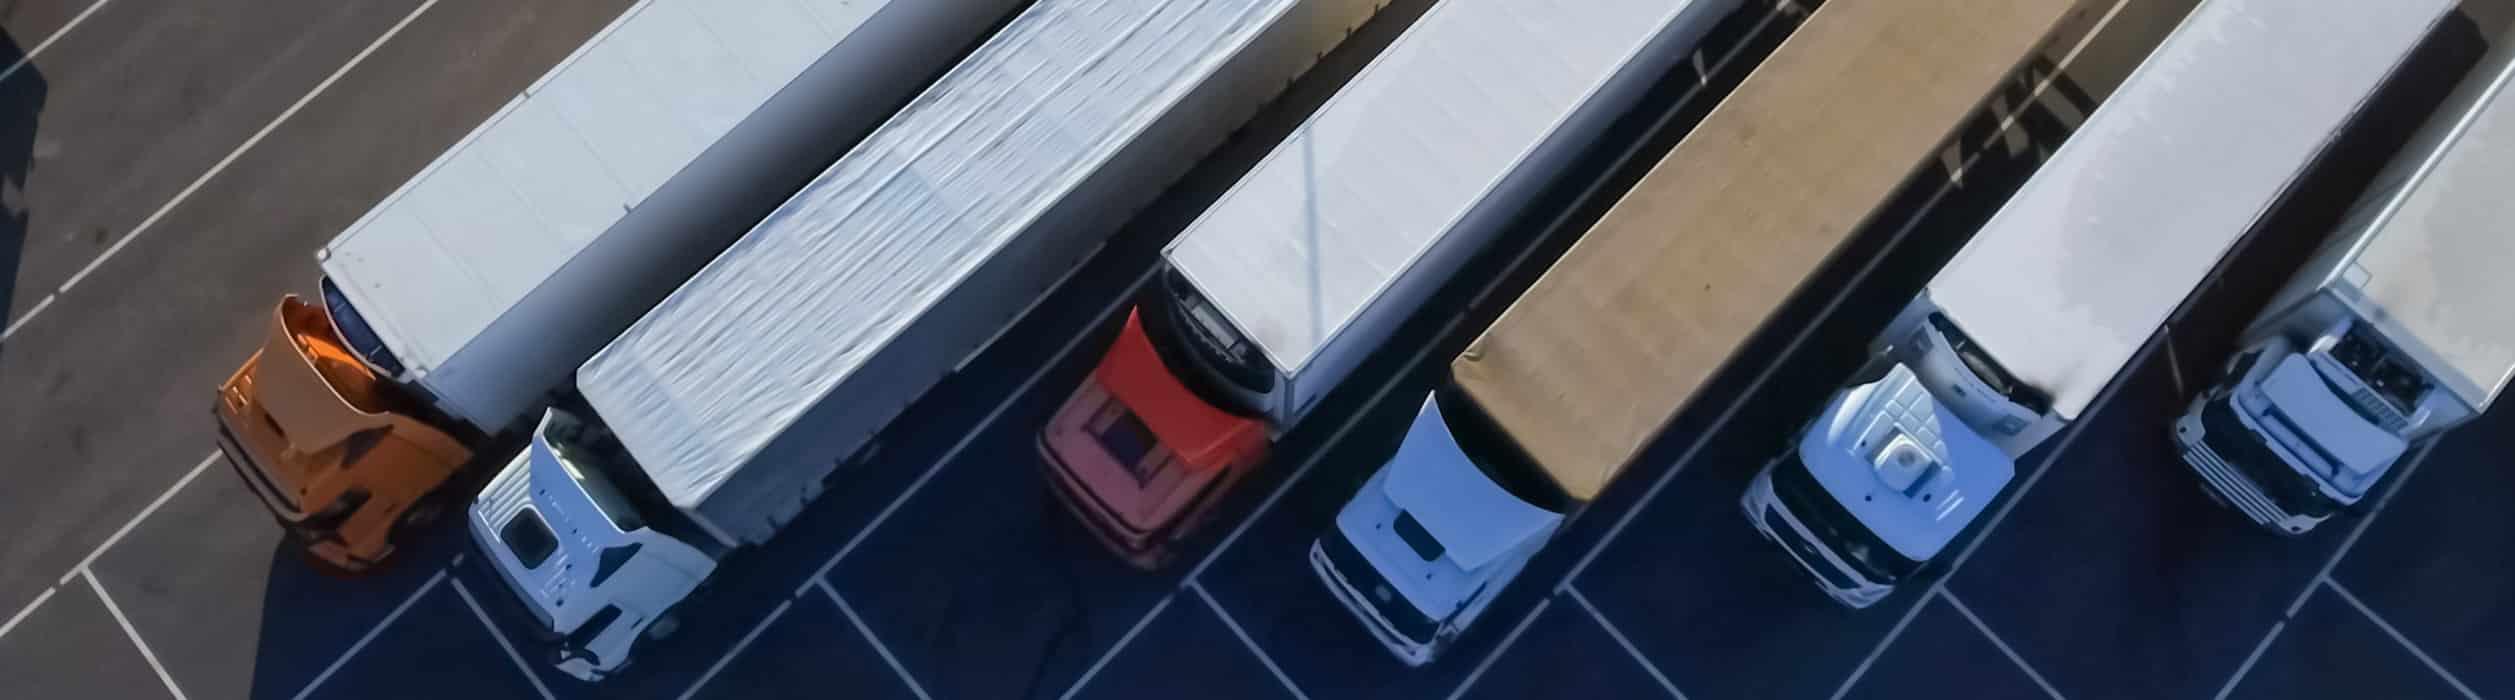 Symbolbild mit LKW auf einem Parkplatz zum Thema LKW-Fahrer müssen für die Verbringung der wöchentlichen Ruhezeit im LKW keinen Nachweis vorlegen